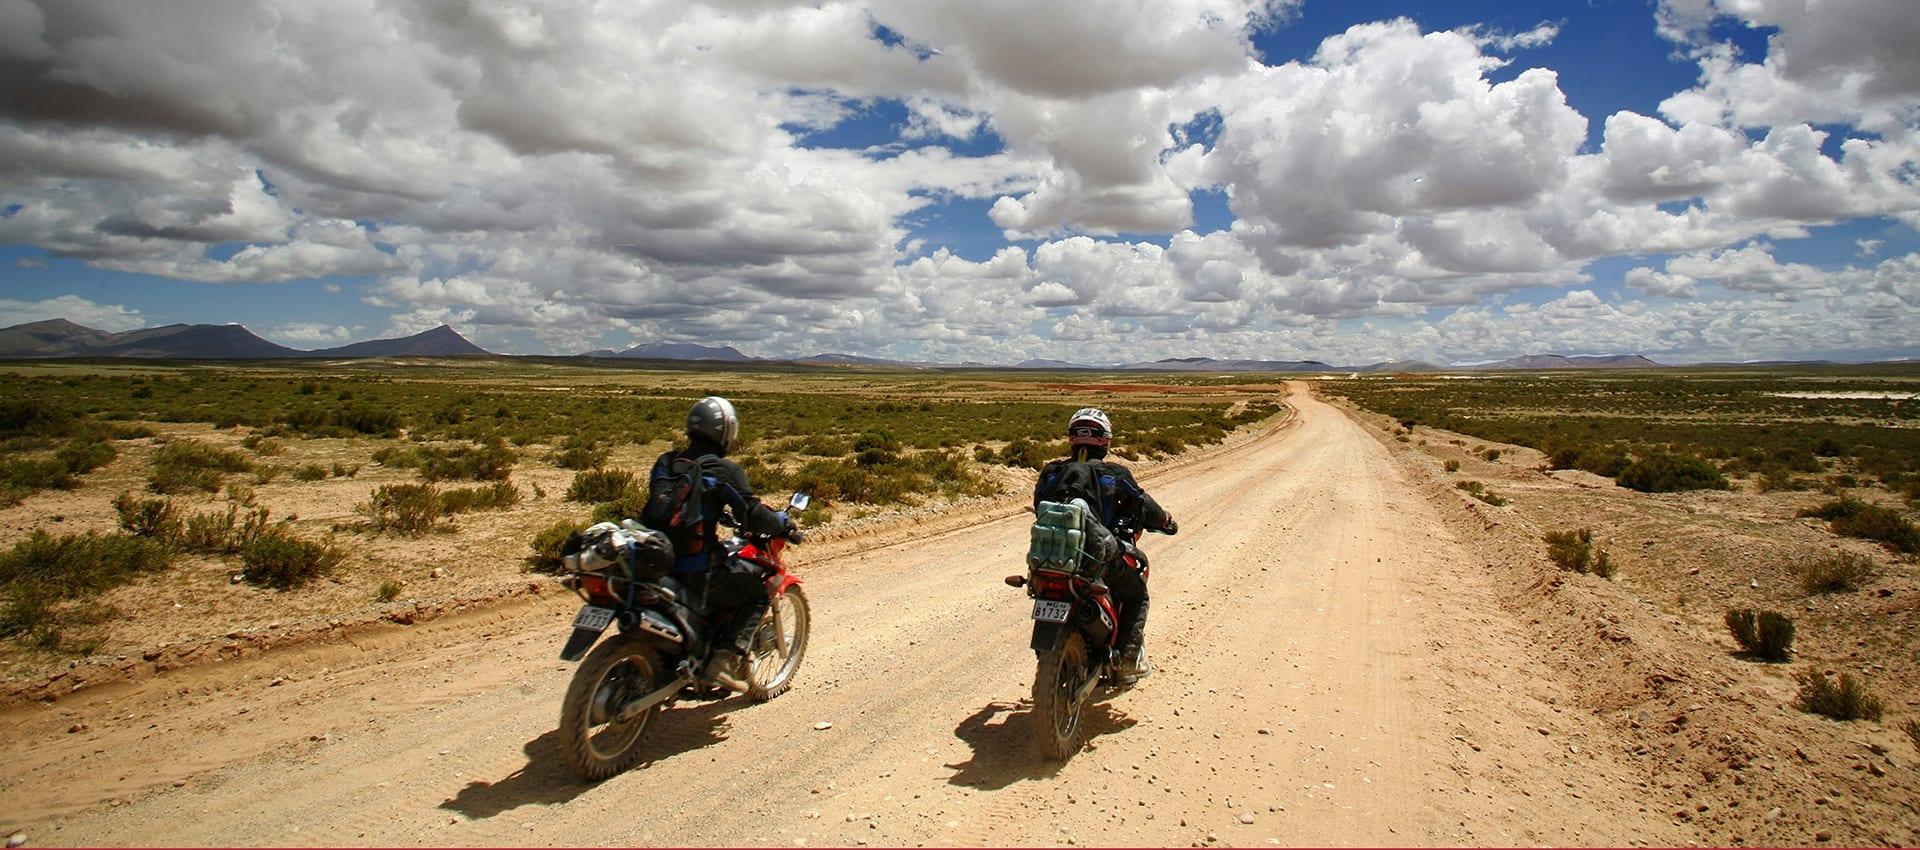 Download de brochure met aanvullende informatie over onze piot motorreis naar Peru